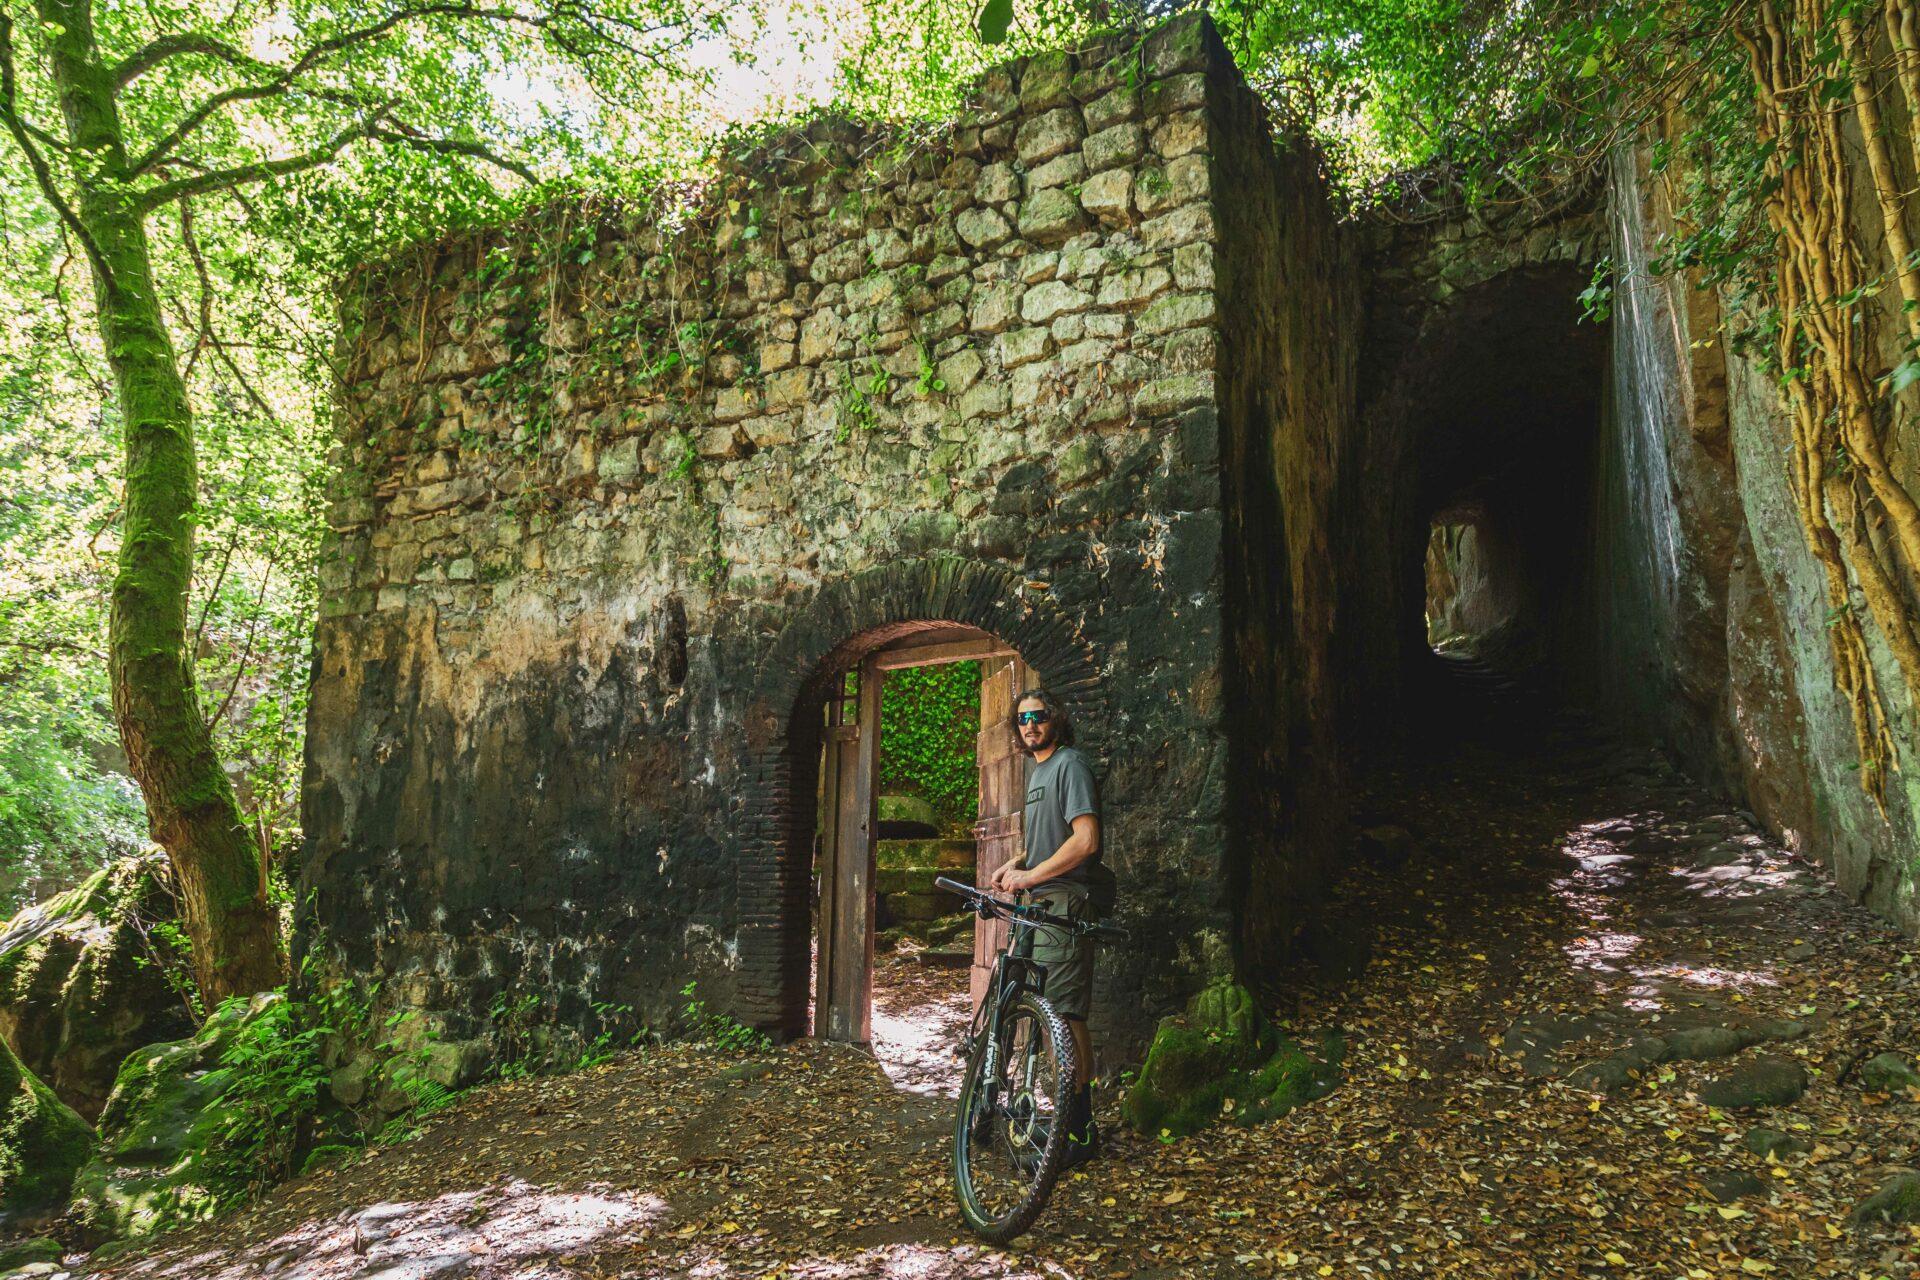 mulino fosso castello